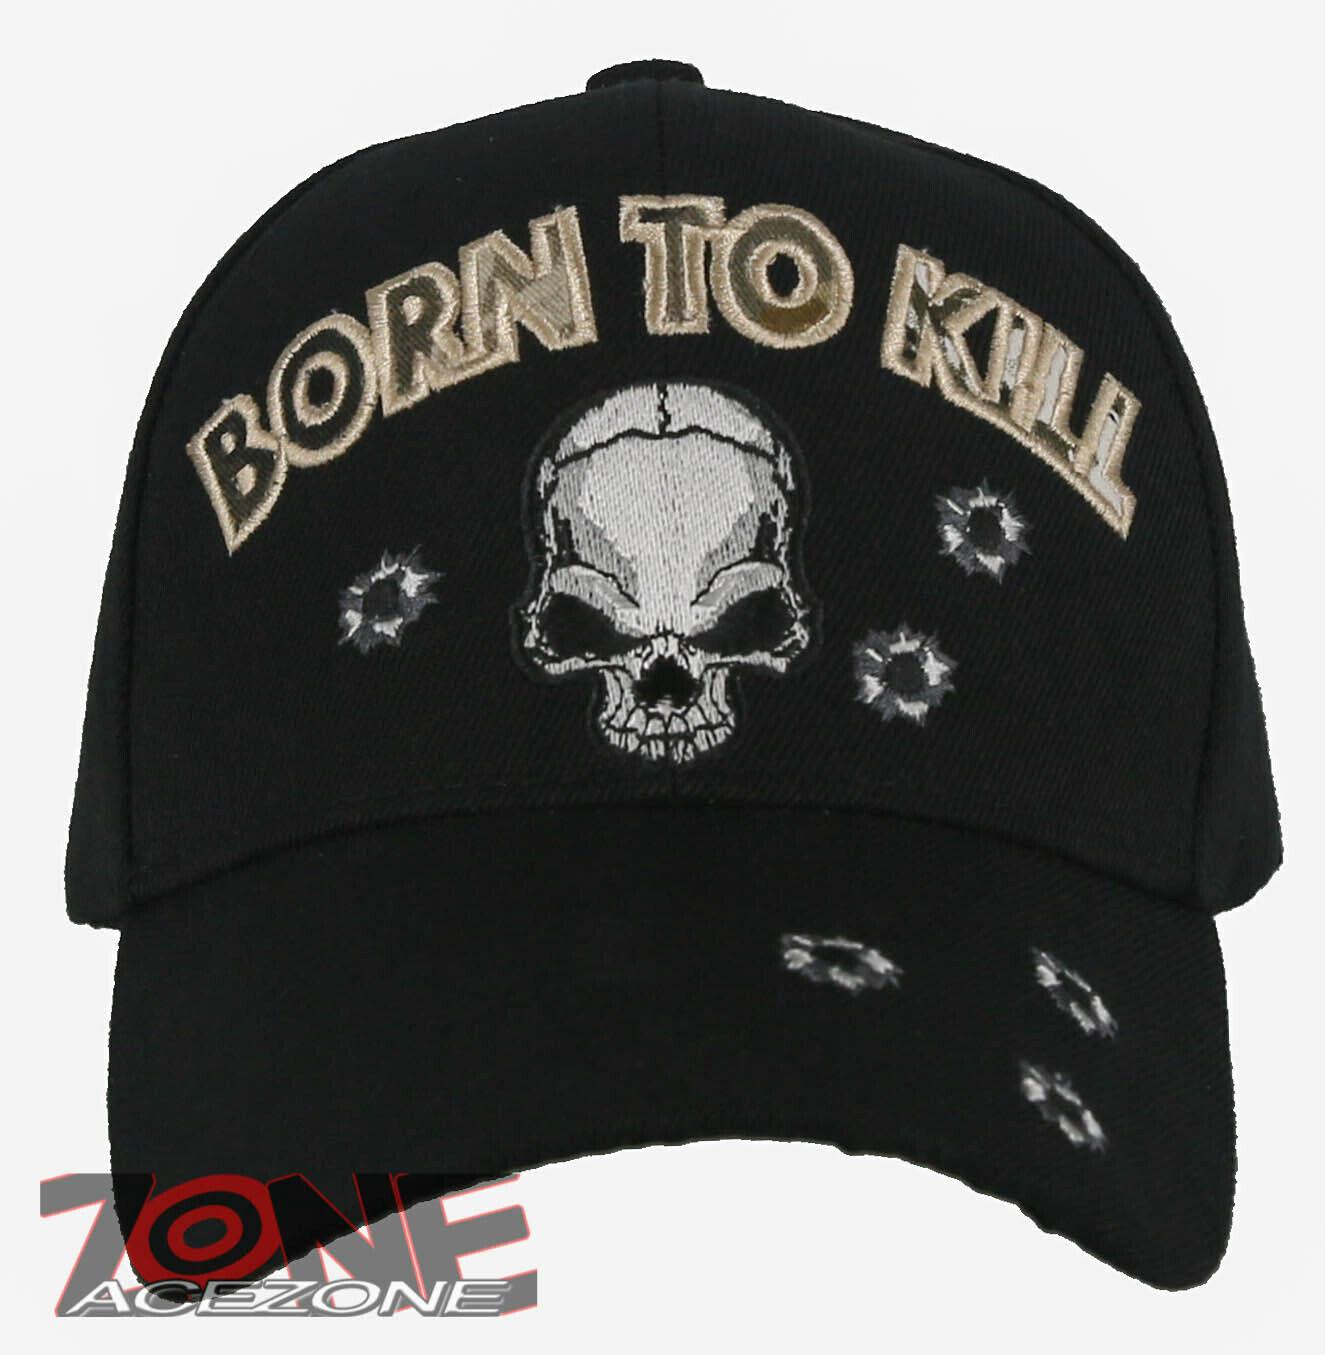 ! nuevo! nacido Para KILL cráneo Ball Cap Sombrero Negro